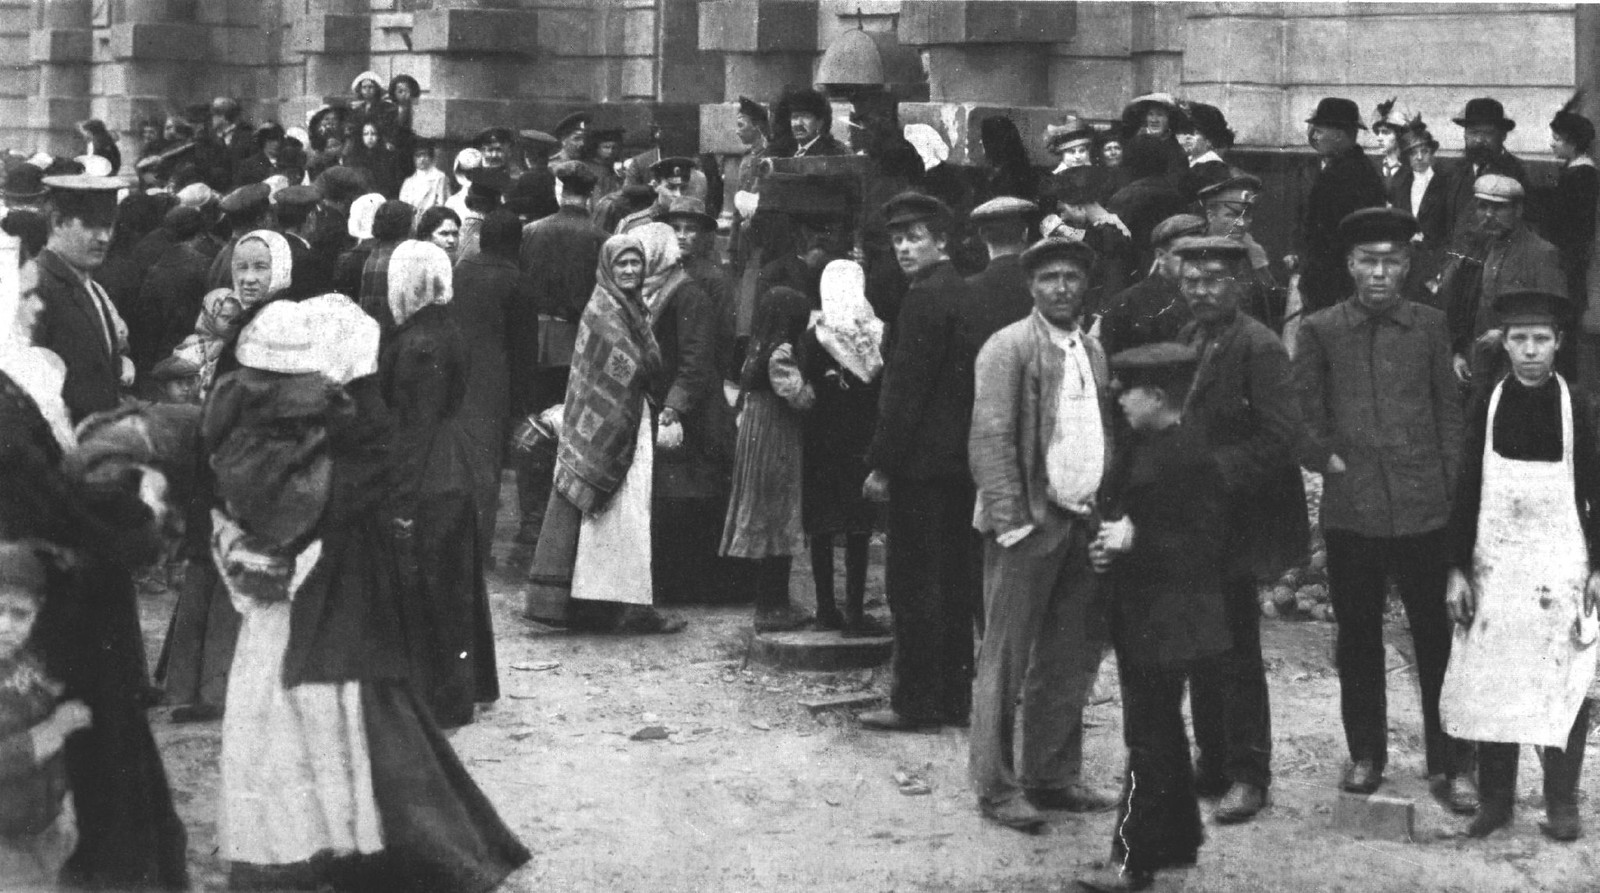 1914. У редакции газеты. В ожидании известий